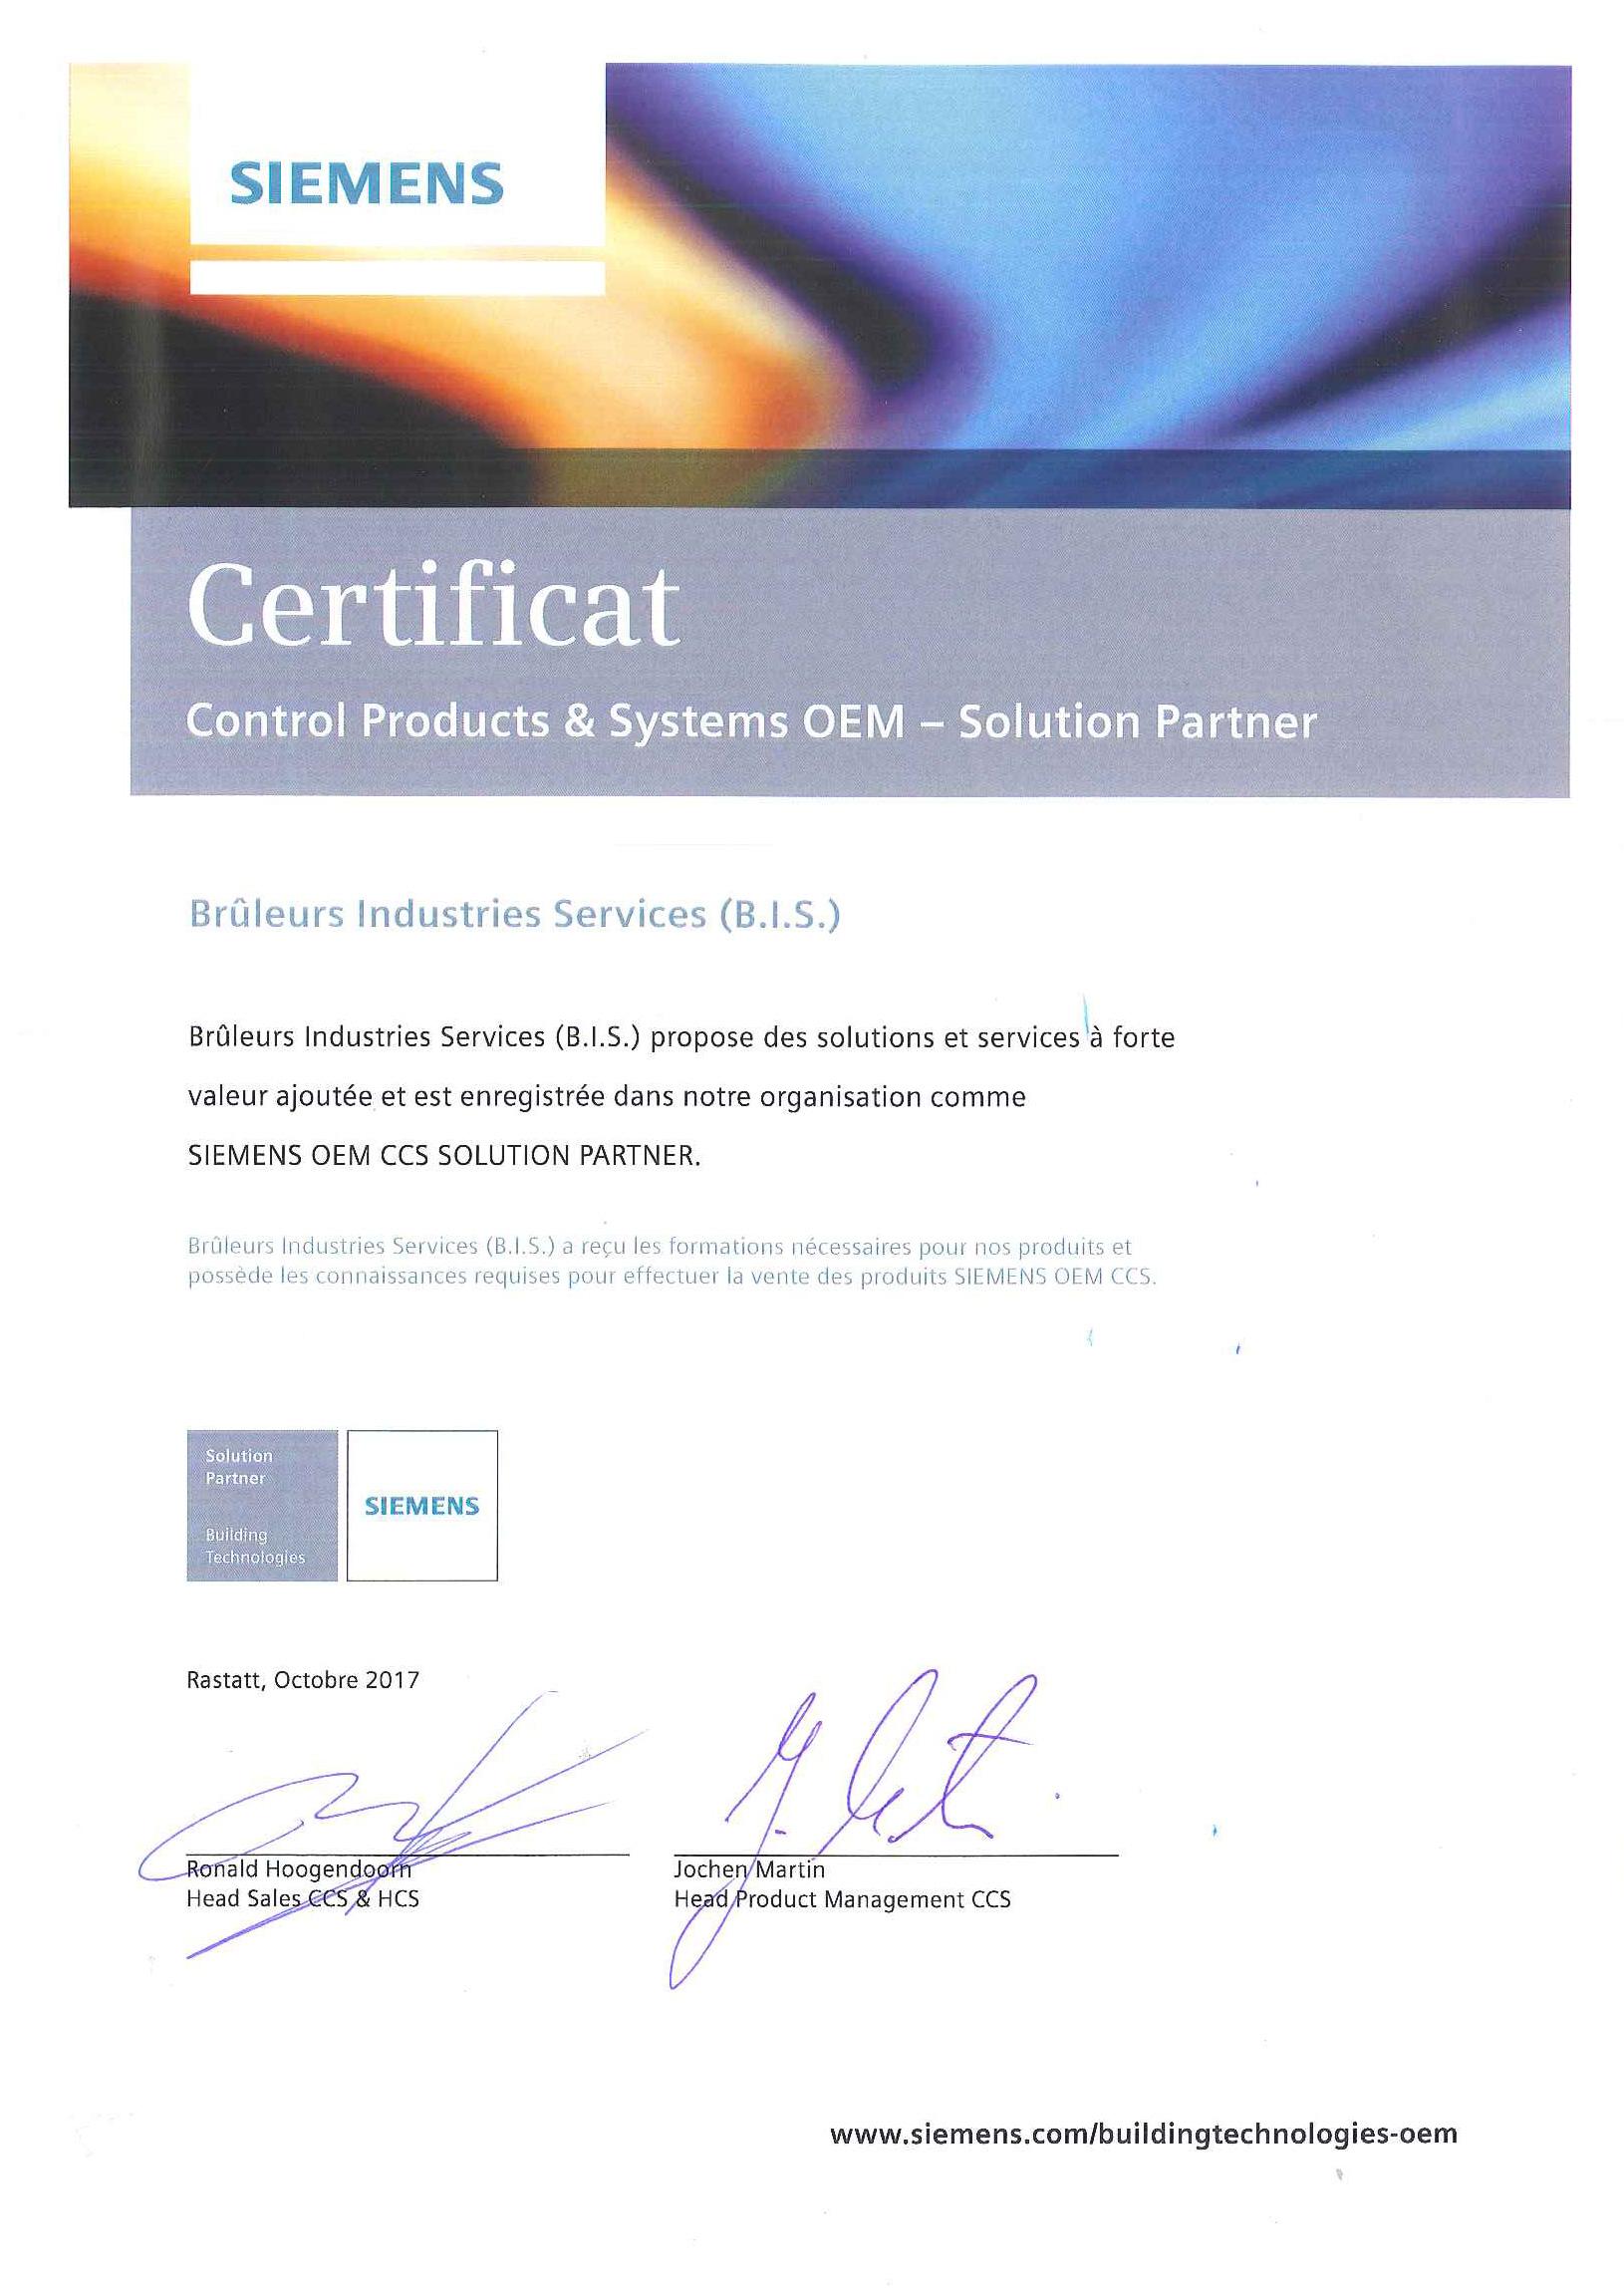 Entreprise certifiée par Siemens pour contôler ses solutions industrielles